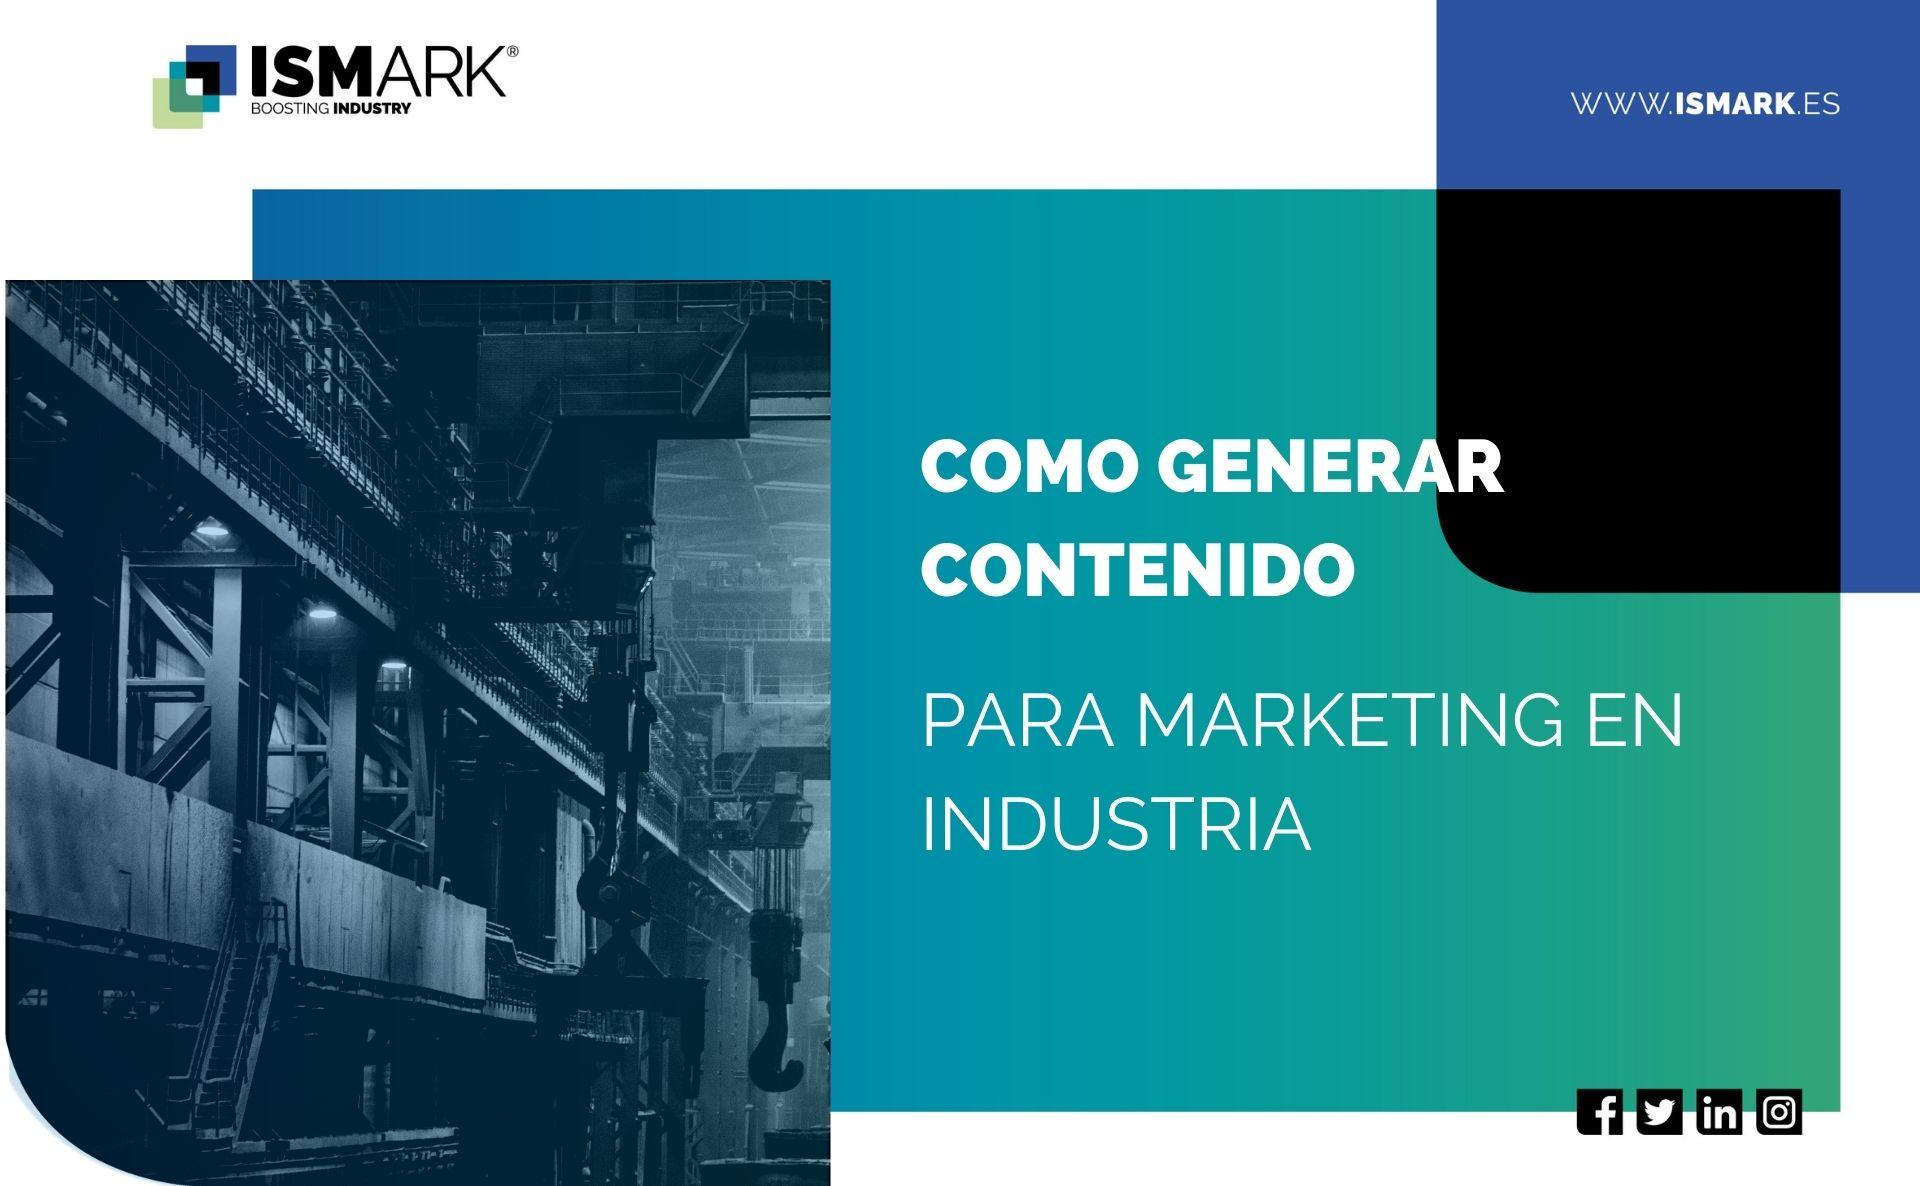 Como-generar-contenido-para-marketing-en-industria